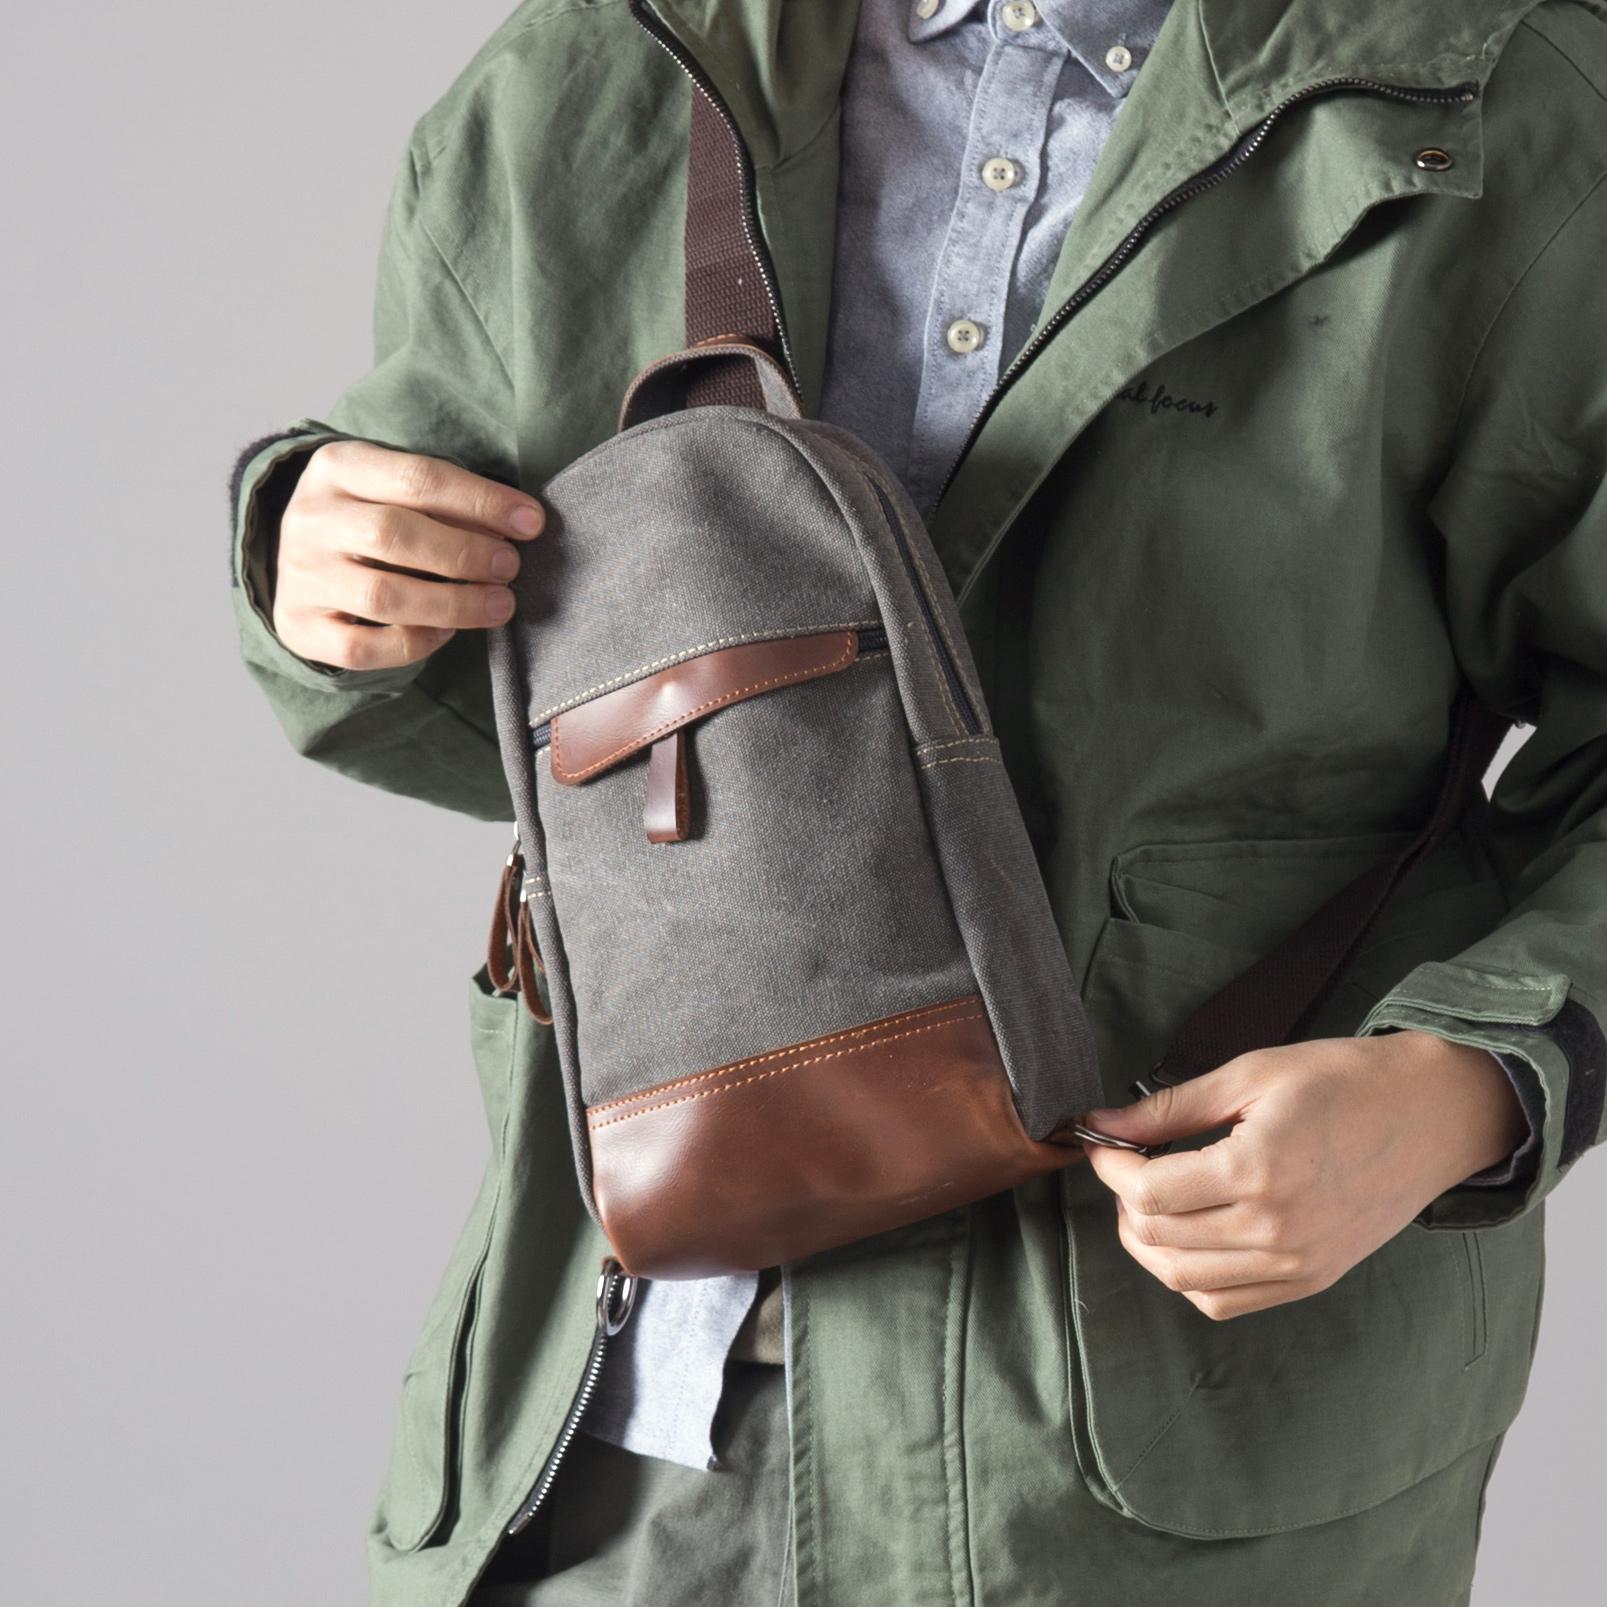 胸包男士韩版潮包斜挎包休闲帆布小包背包腰包单肩包男包包限20000张券